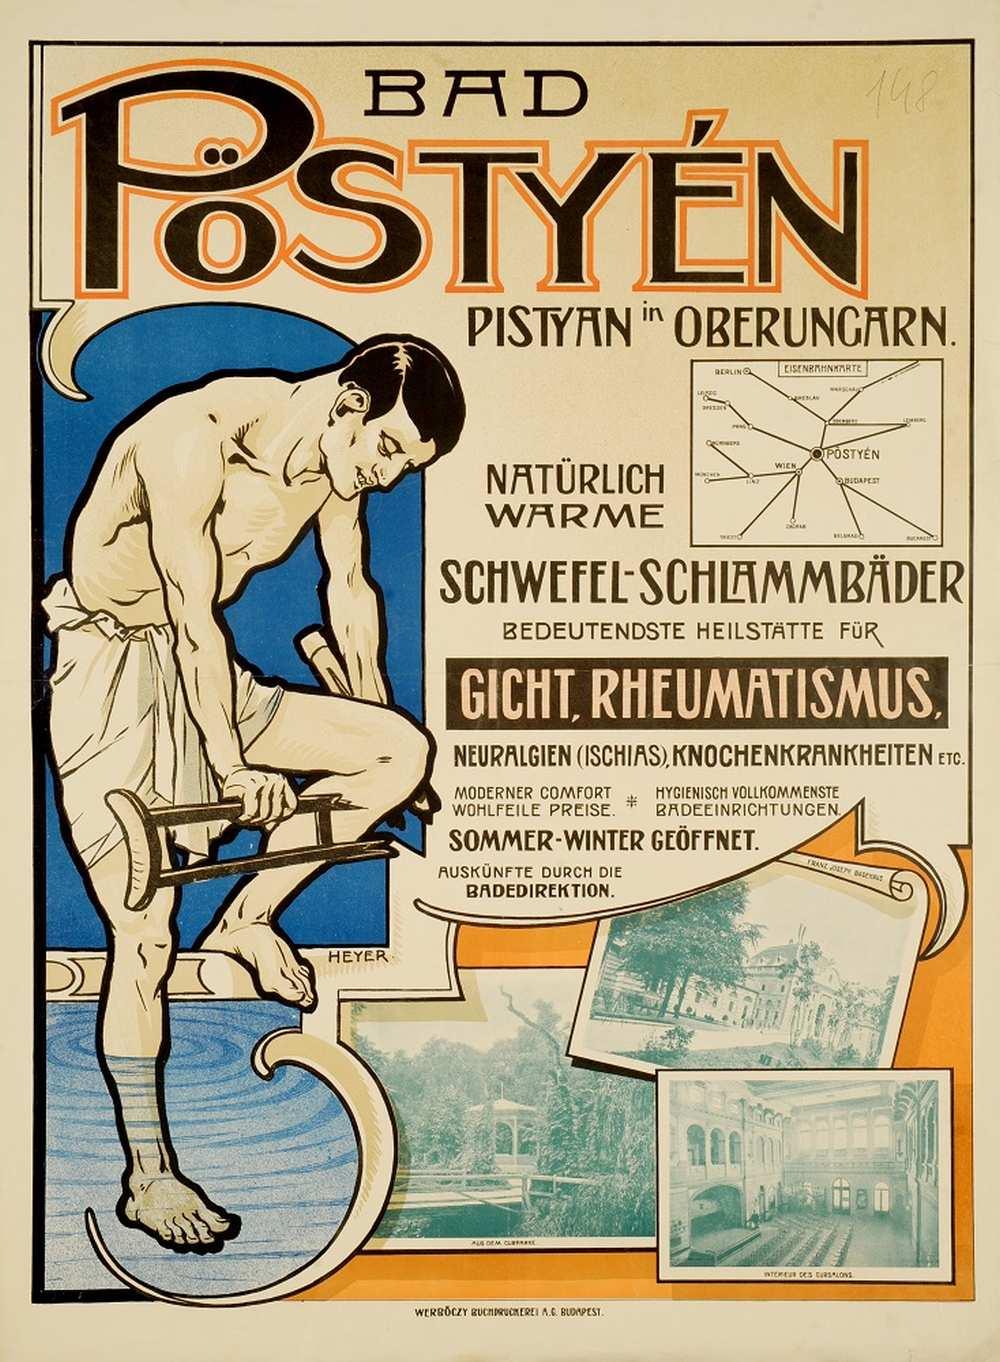 Heyer Artúr: Bad Pöstyén – Térkép-, Plakát- és Kisnyomtatványtár. Jelzet: PKG.1914e/148 http://nektar.oszk.hu/hu/manifestation/2770751